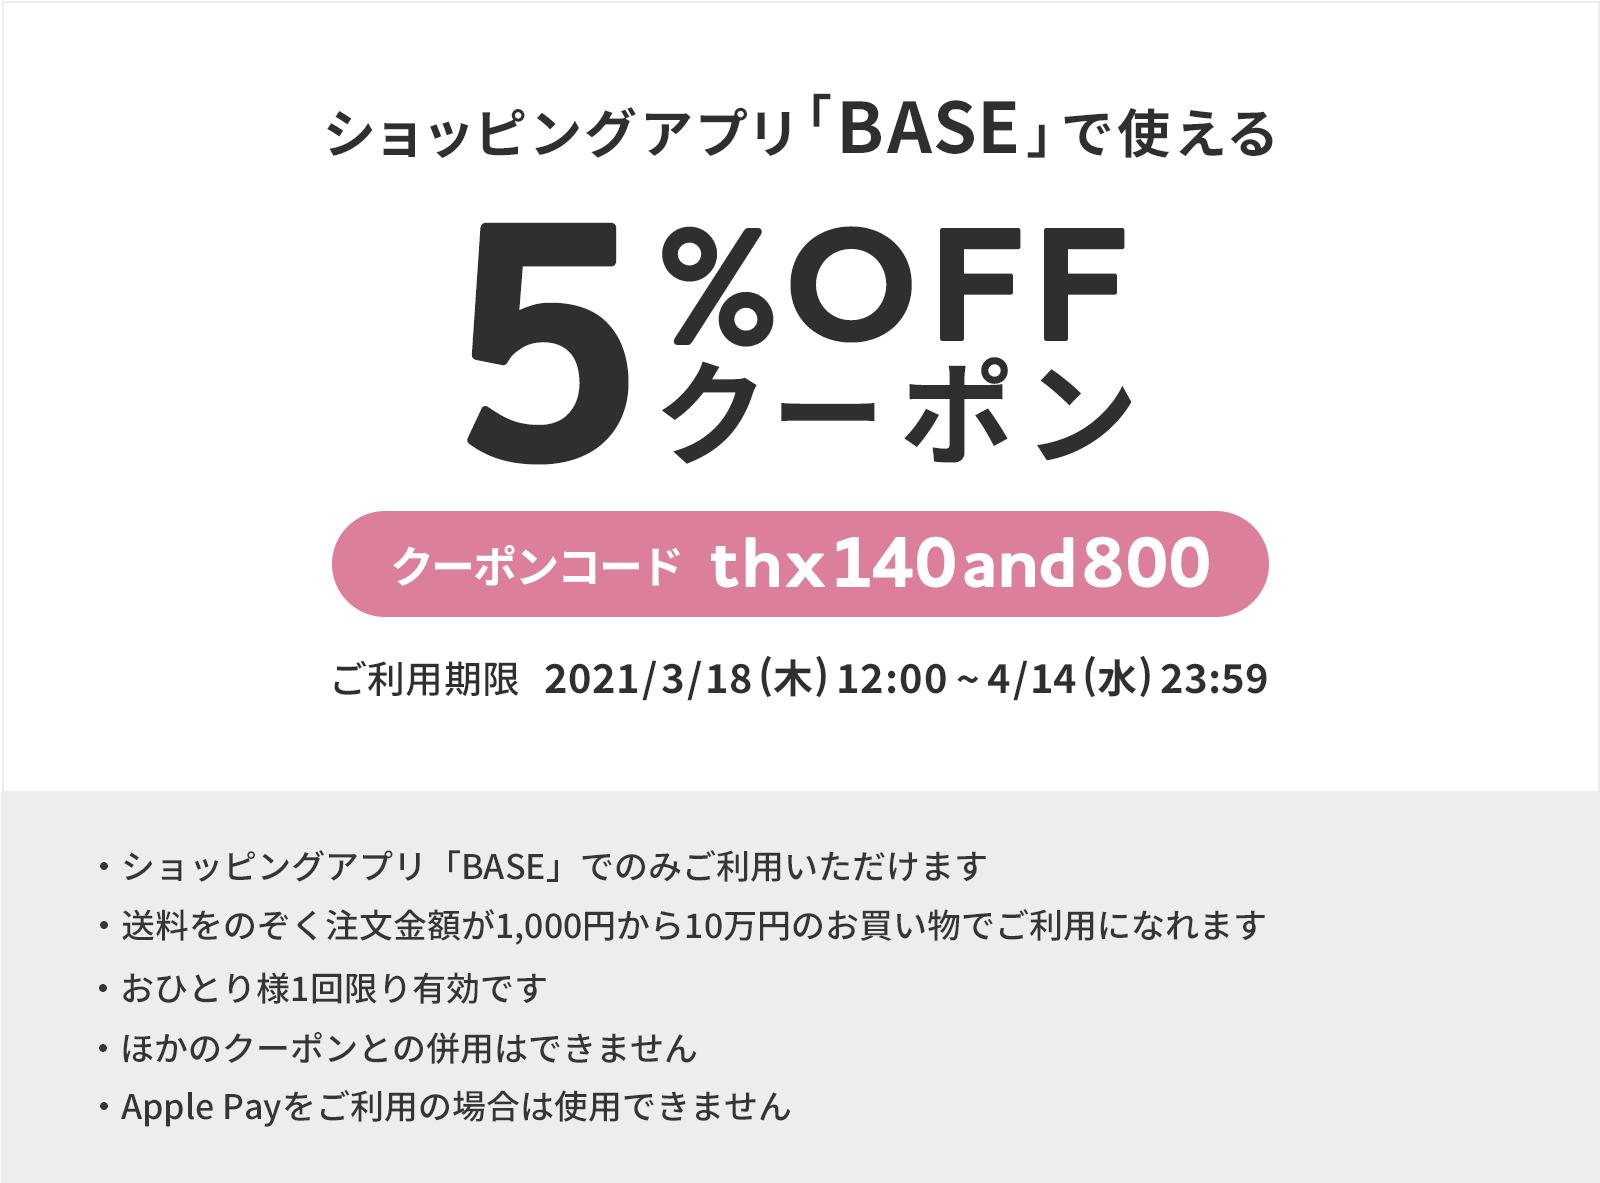 【3/18~4/14 期間限定!】 5%OFFクーポンをプレゼント♪♪